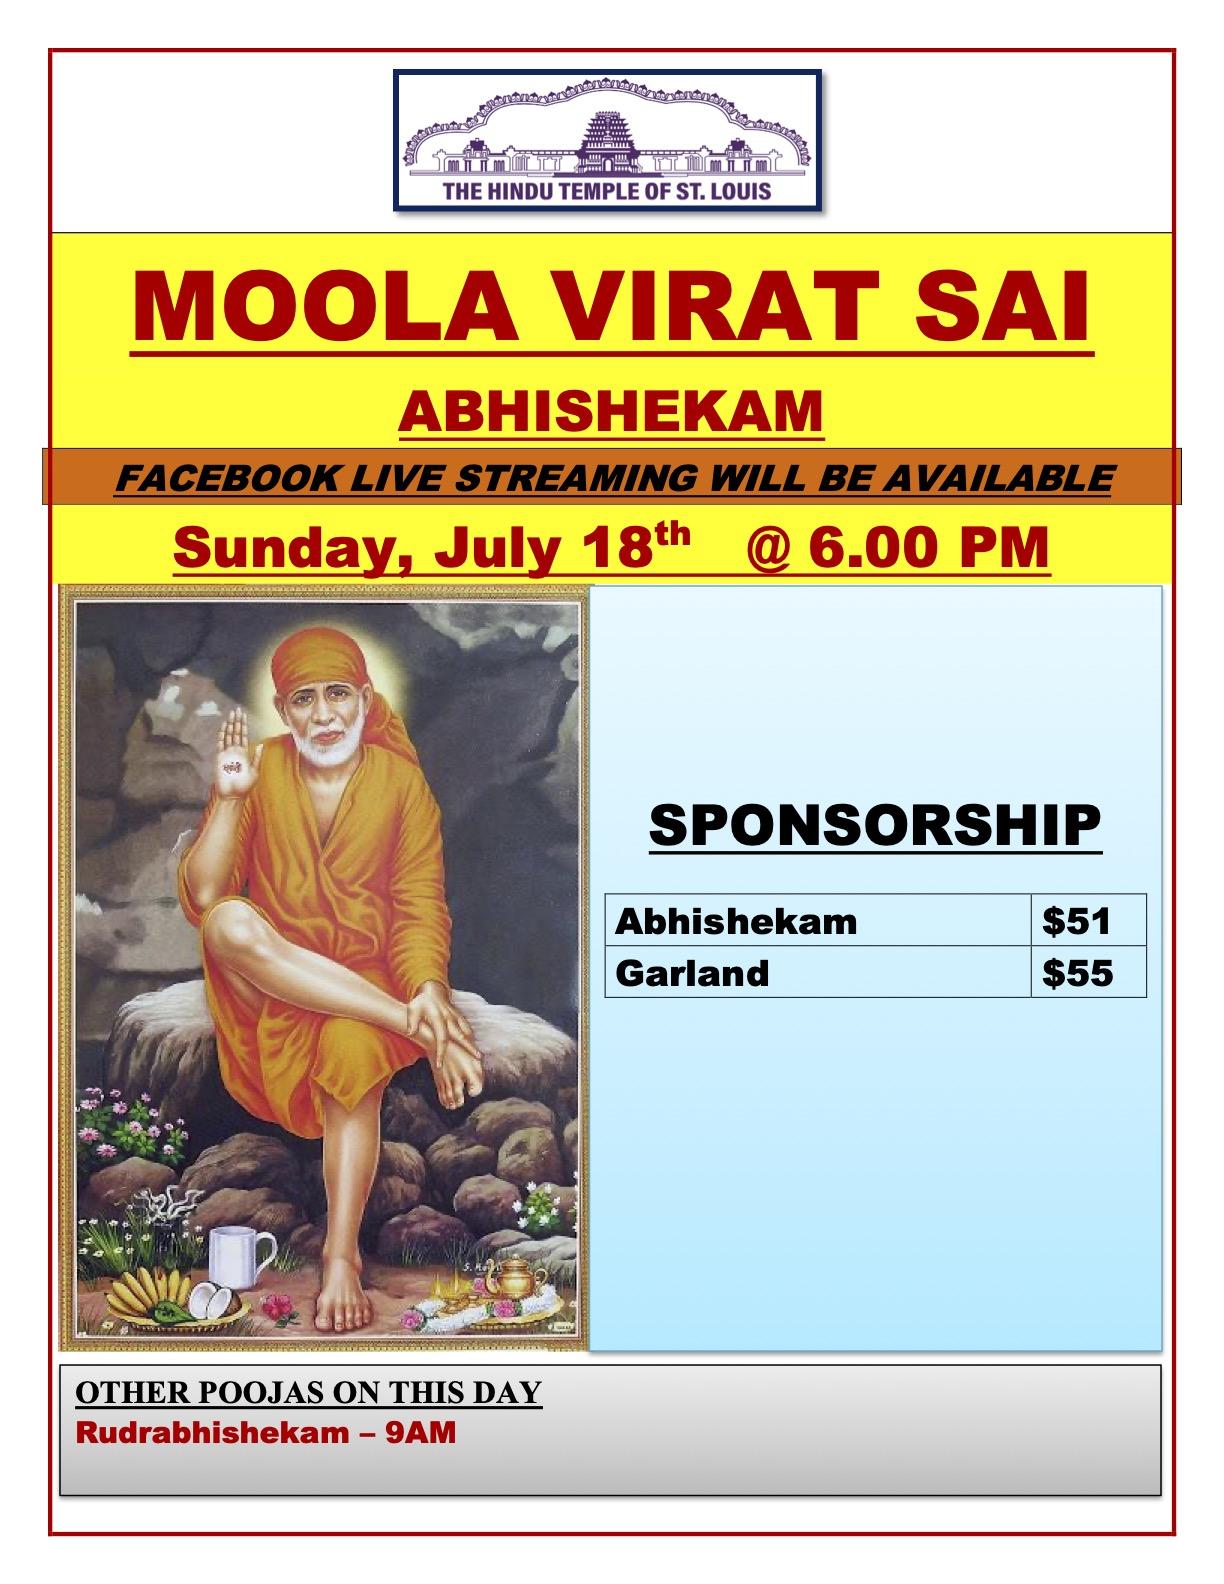 Sai Abhishekam